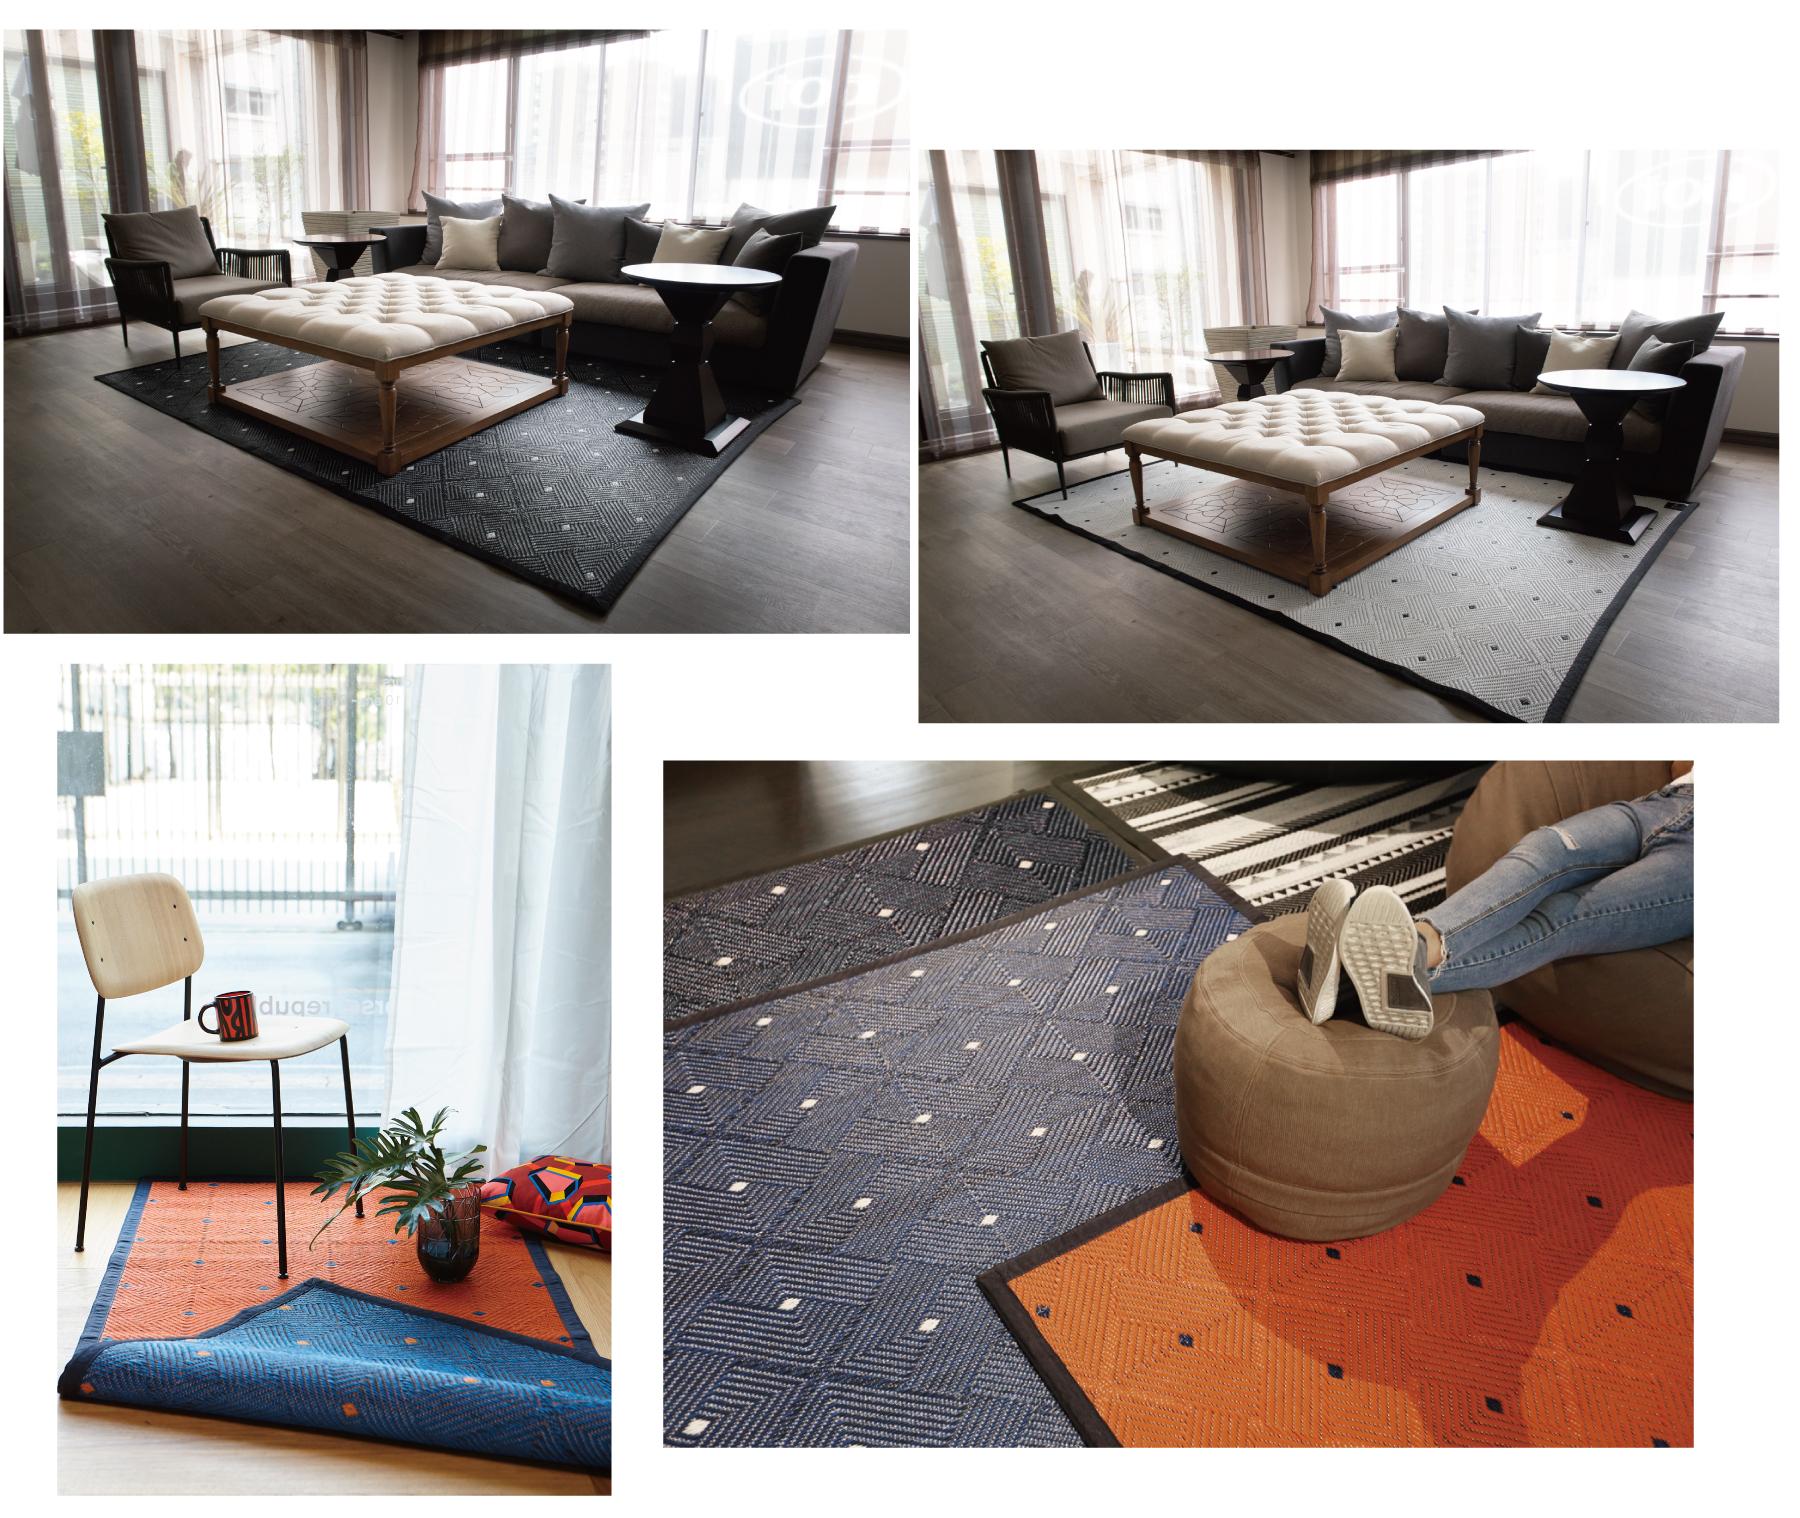 気軽にお部屋の雰囲気を変えられるリバーシブル仕様